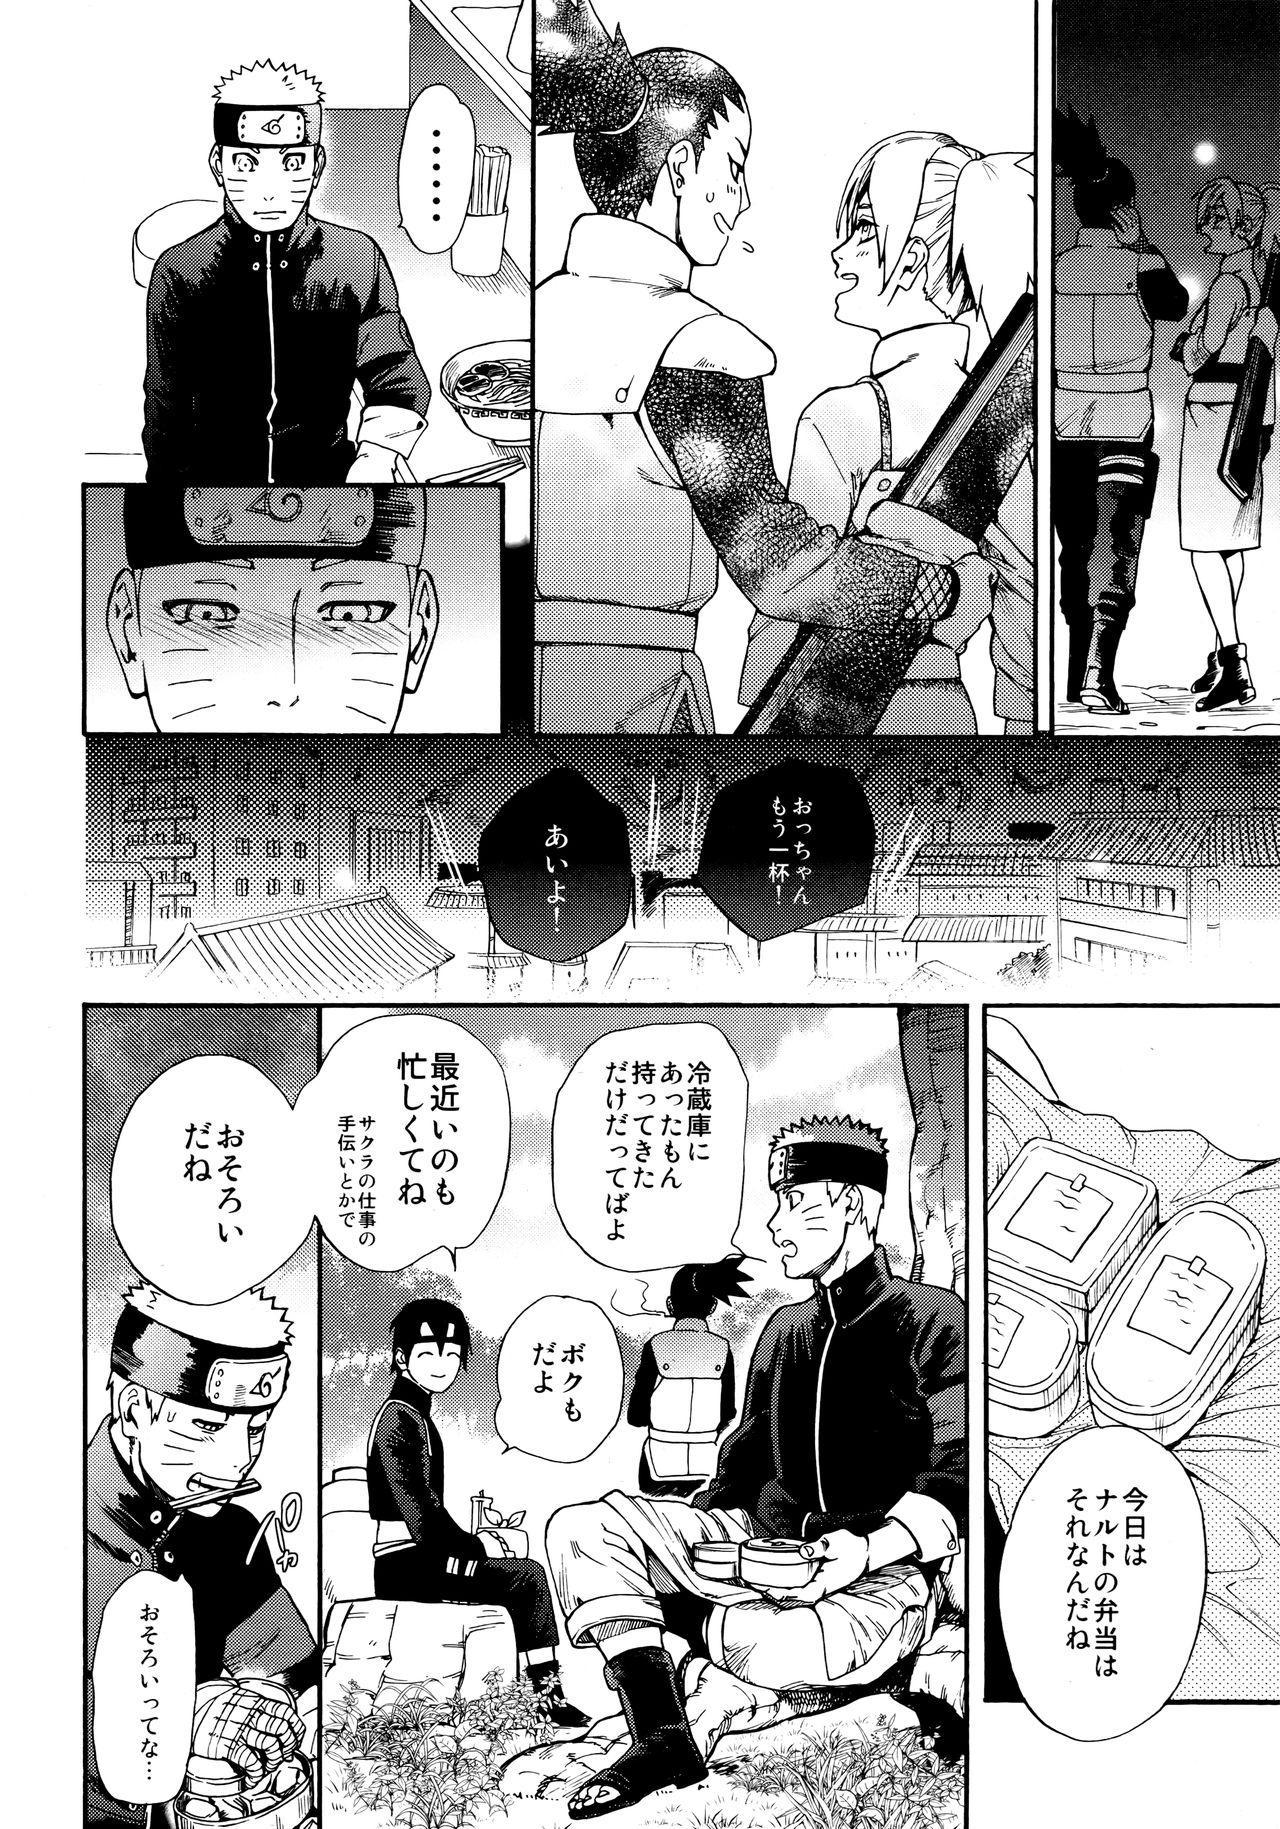 Tsuyo Gari, Dakishimete 12